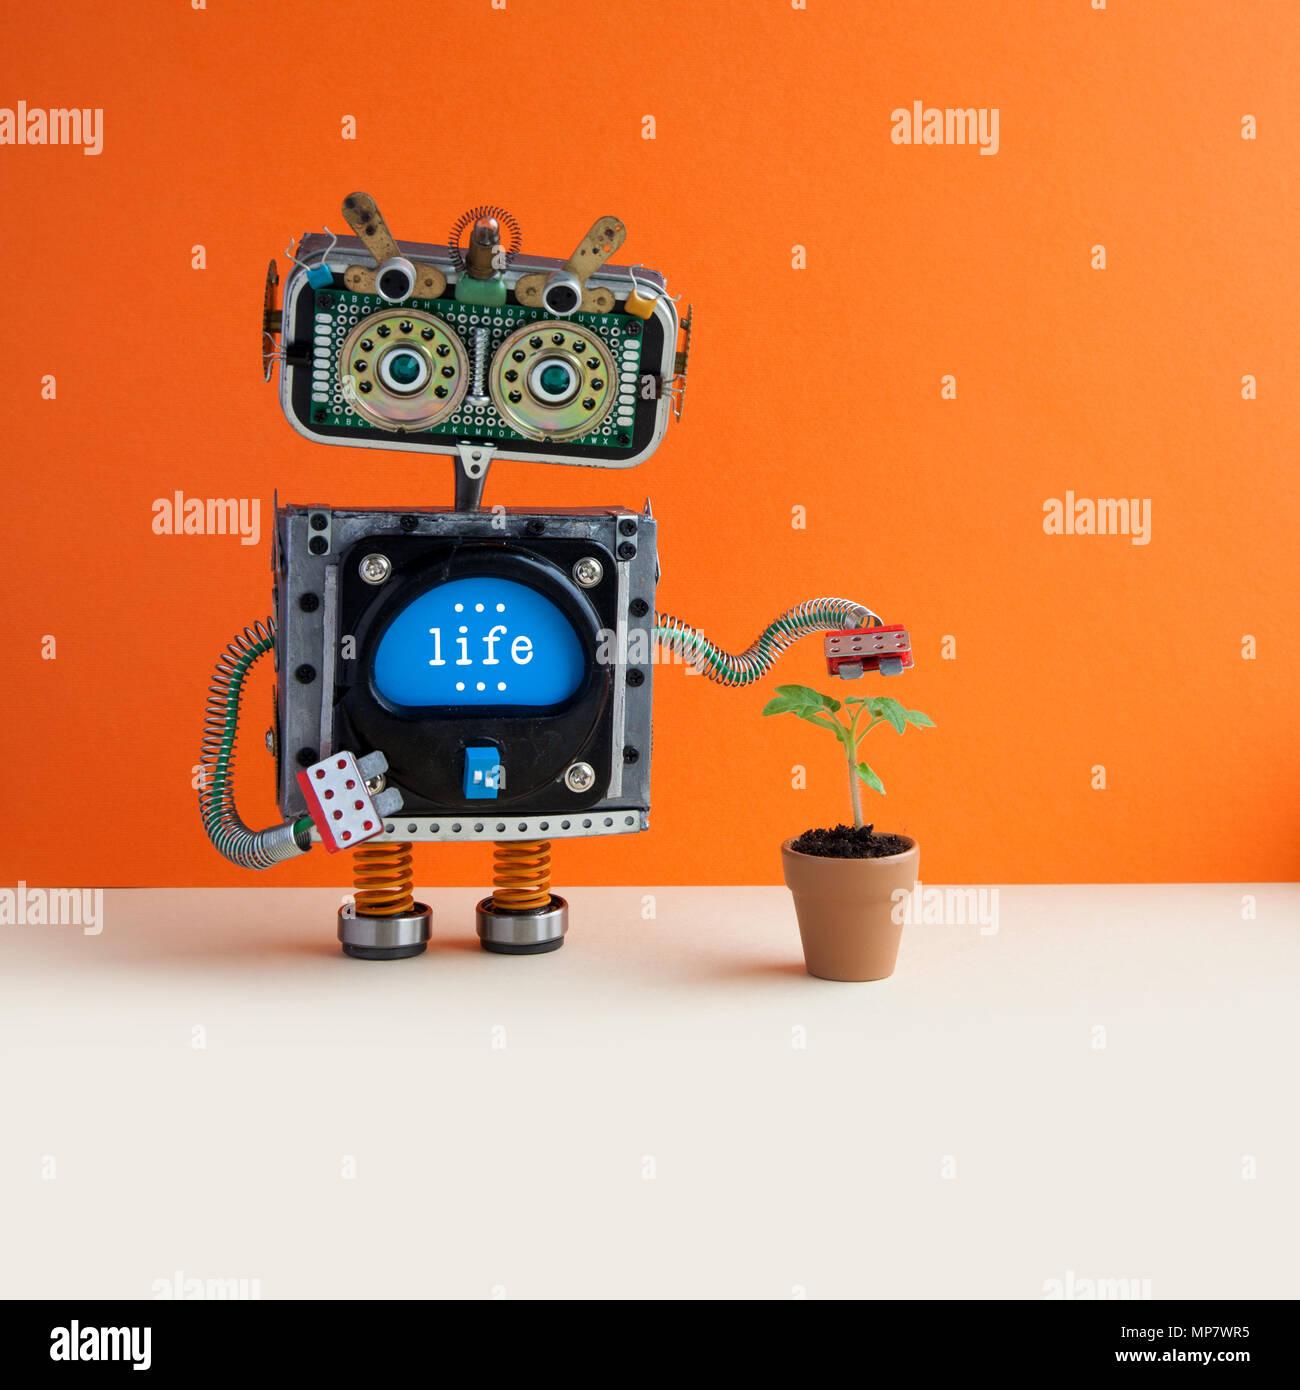 Eco organico concetto life. Robot con un piccolo germoglio verde impianto in una argilla pentola floreale. Parete arancione sfondo, copia dello spazio. Immagini Stock